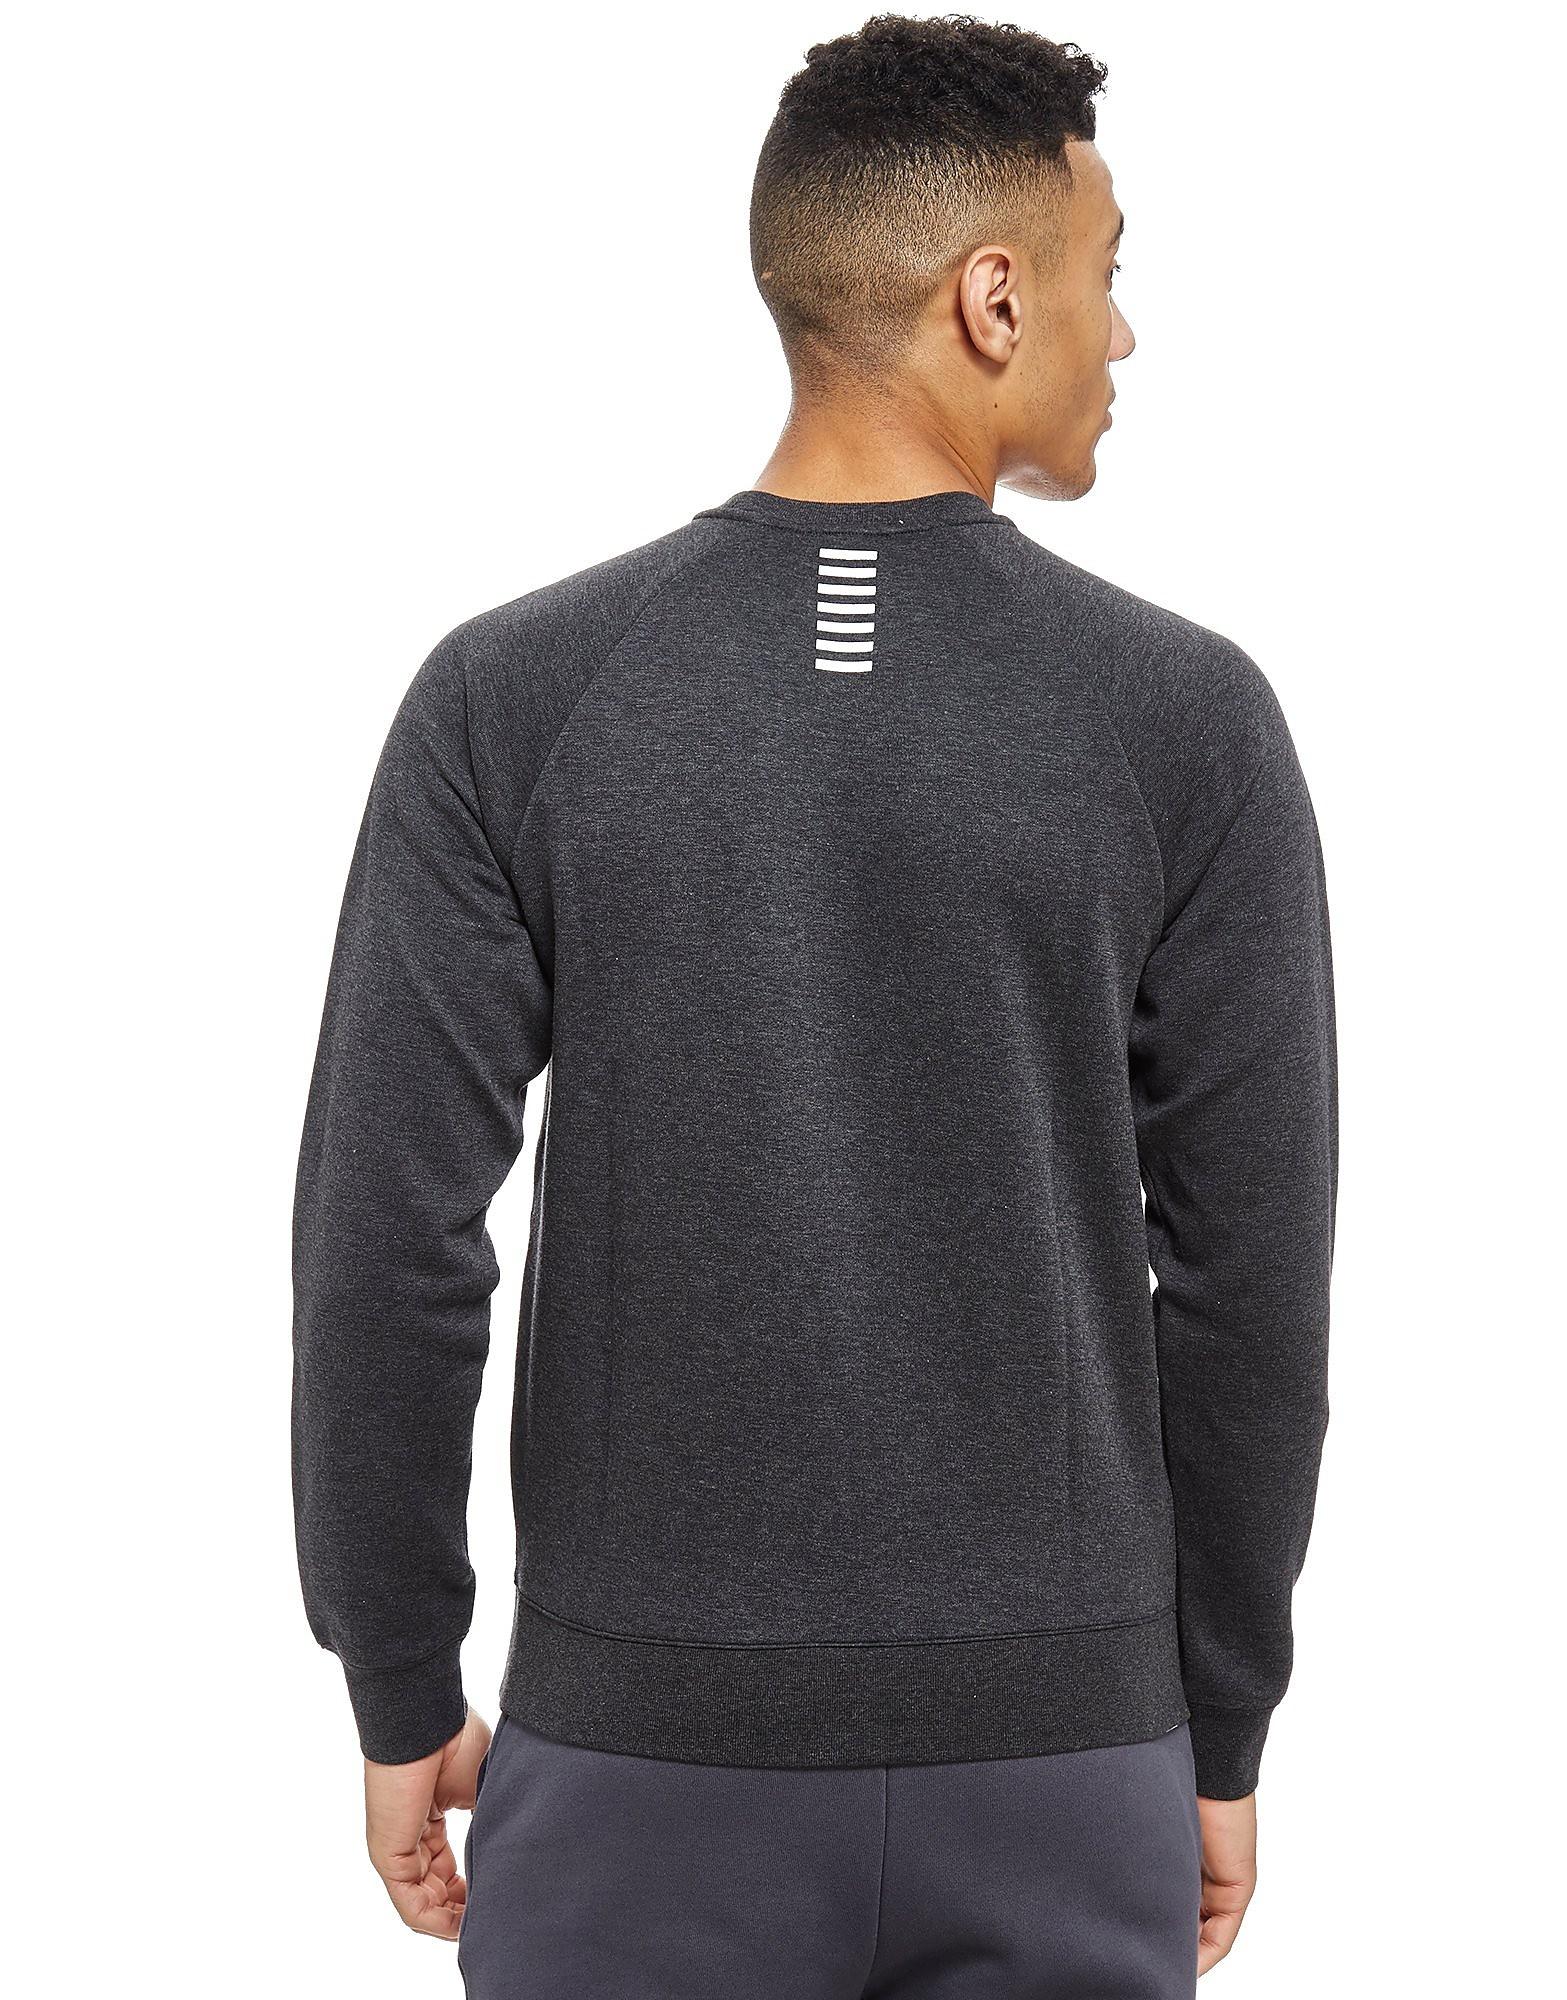 Emporio Armani EA7 Double Knit Crew Sweatshirt